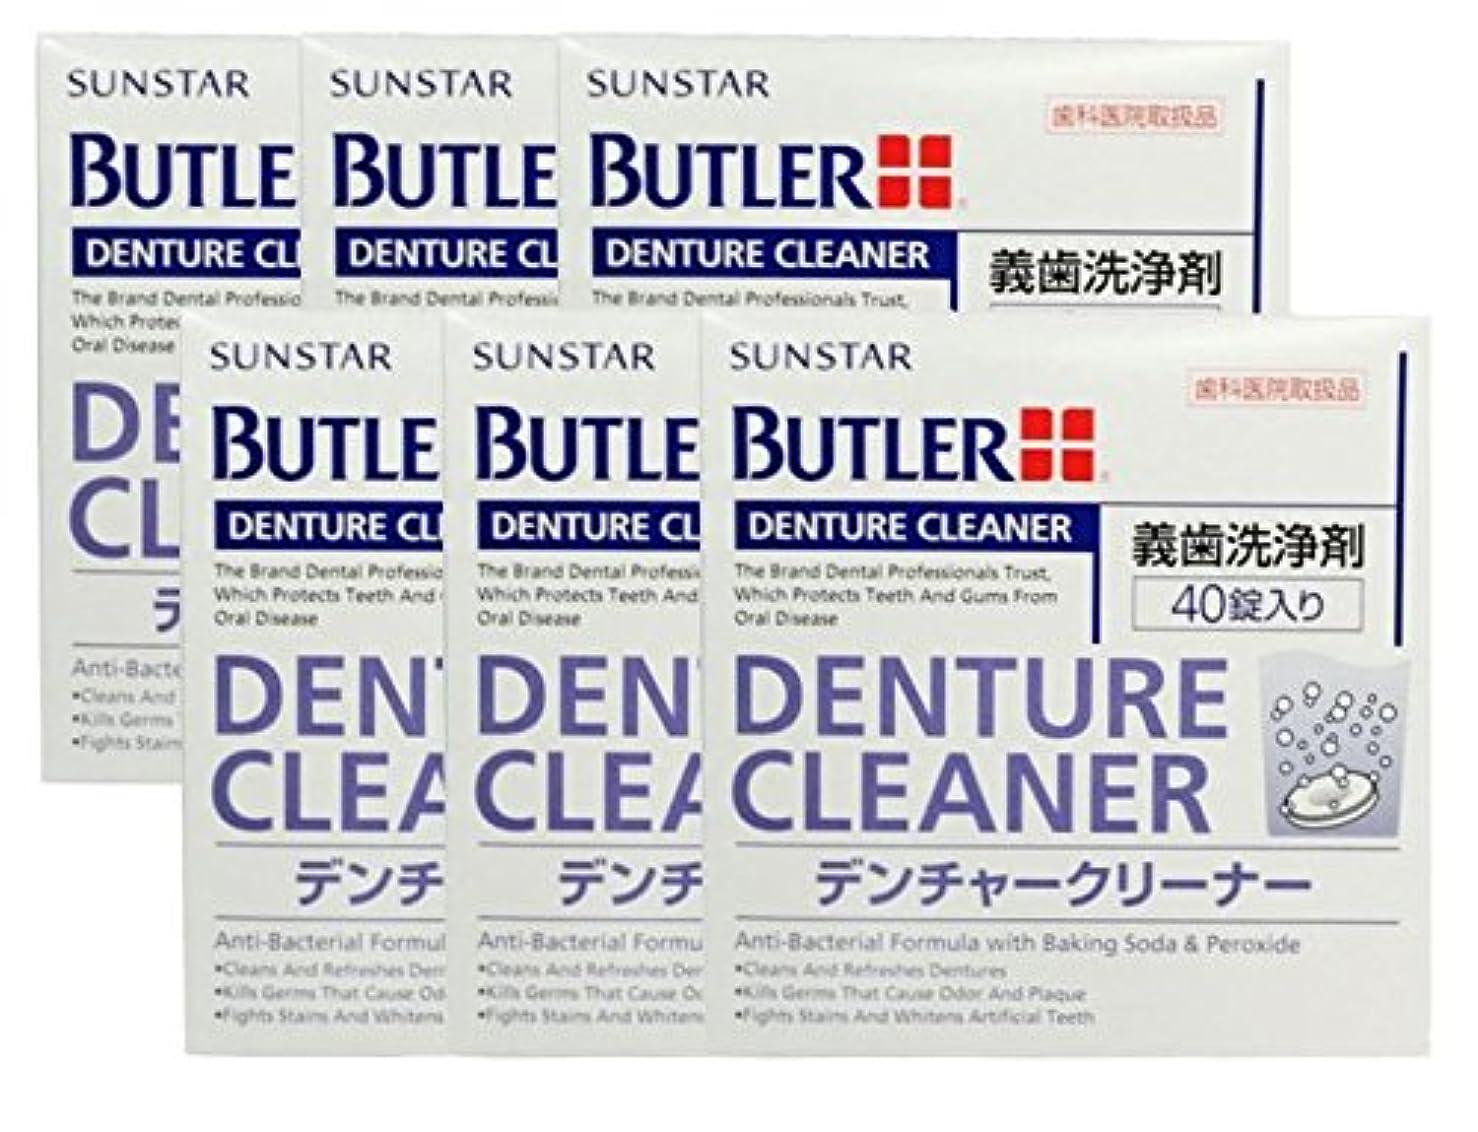 ご近所孤児孤児サンスター/バトラー歯科用バトラー デンチャークリーナー #250P 6箱 義歯洗浄剤 6個入/箱